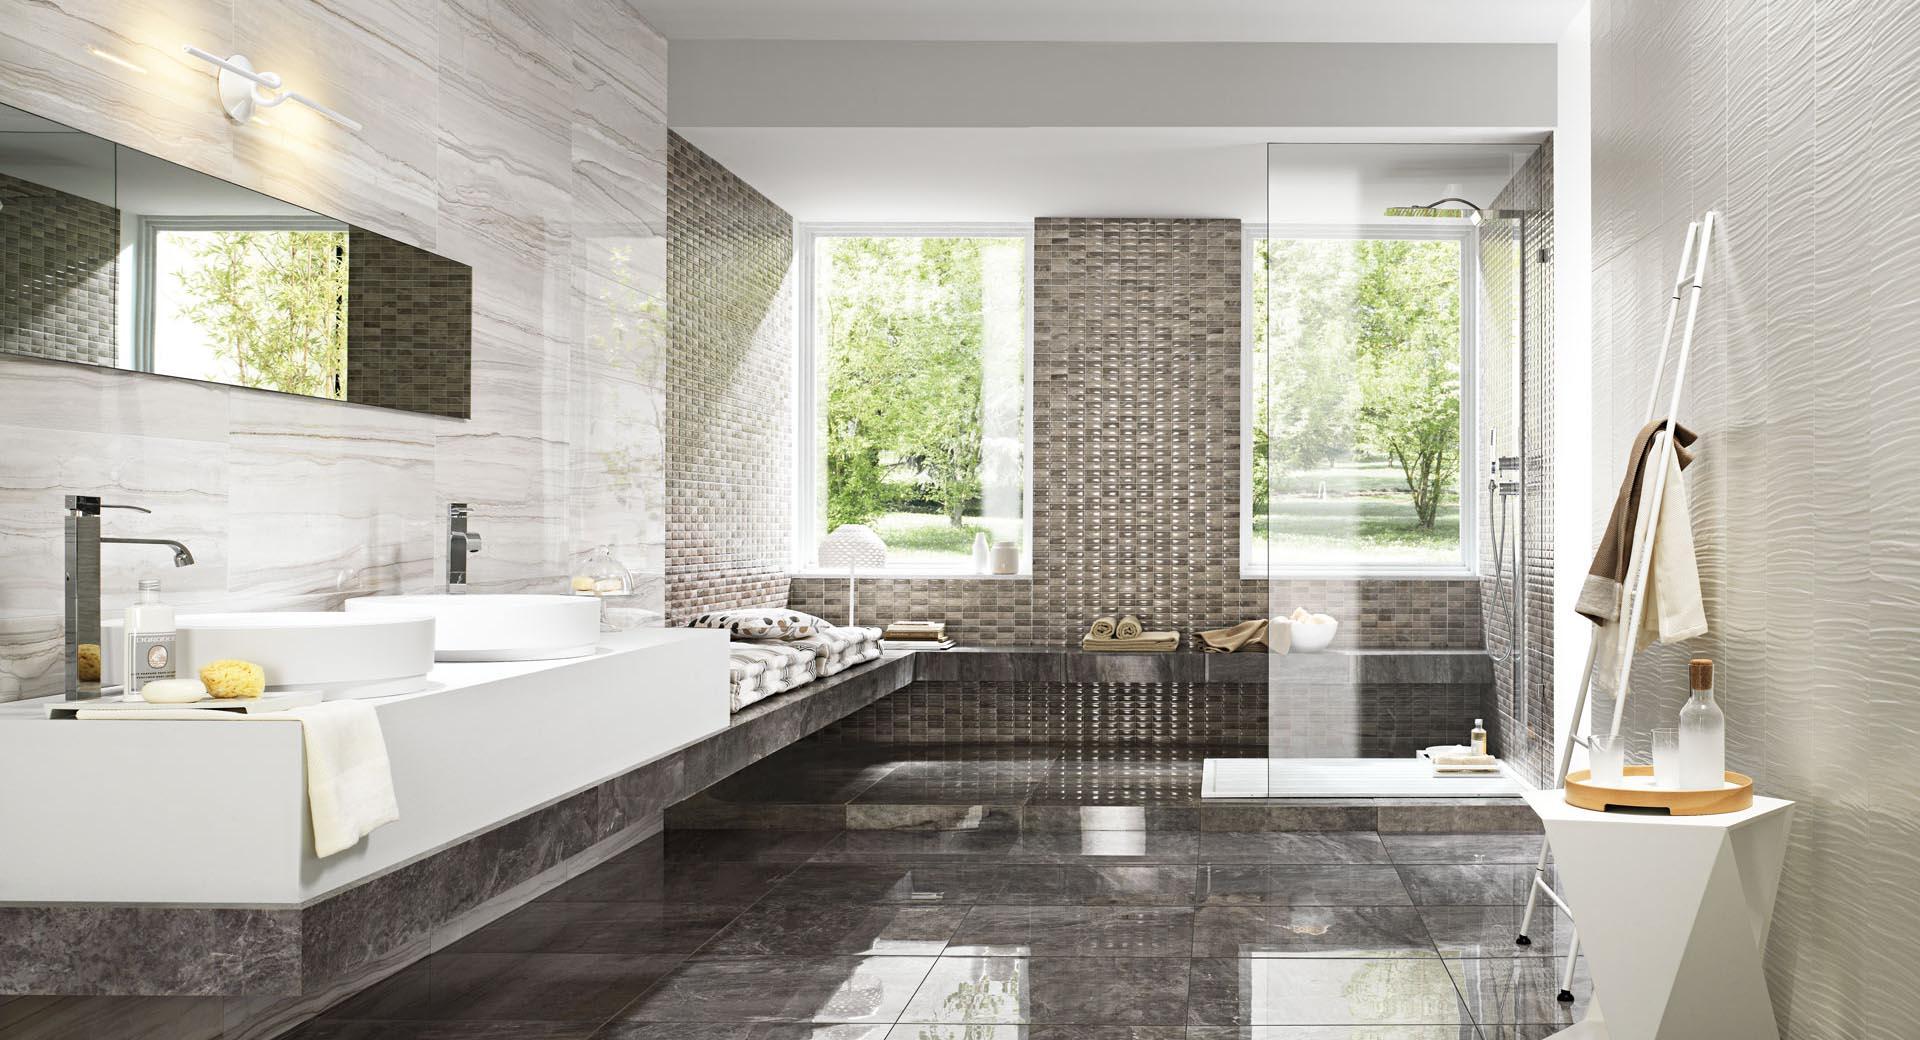 tporte da interni cuneo bagni in marmo cuneo lavabi moderni cuneo offerta per lavabo moderno cuneo